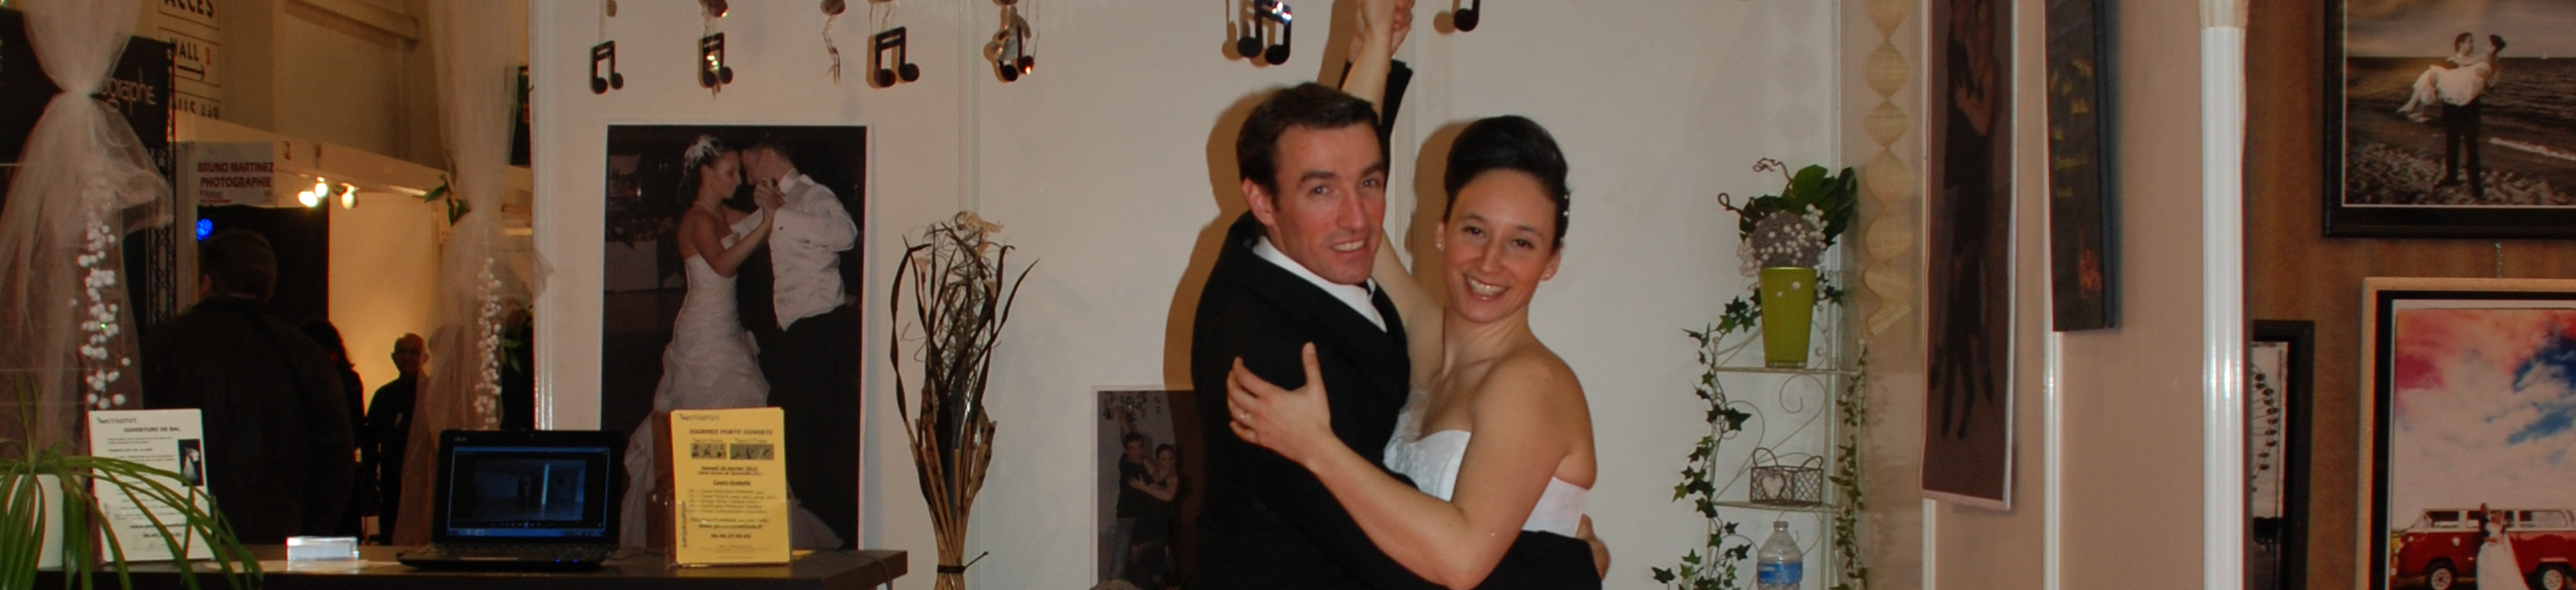 Danse Mariage : Votre ouverture de bal personnalisée !